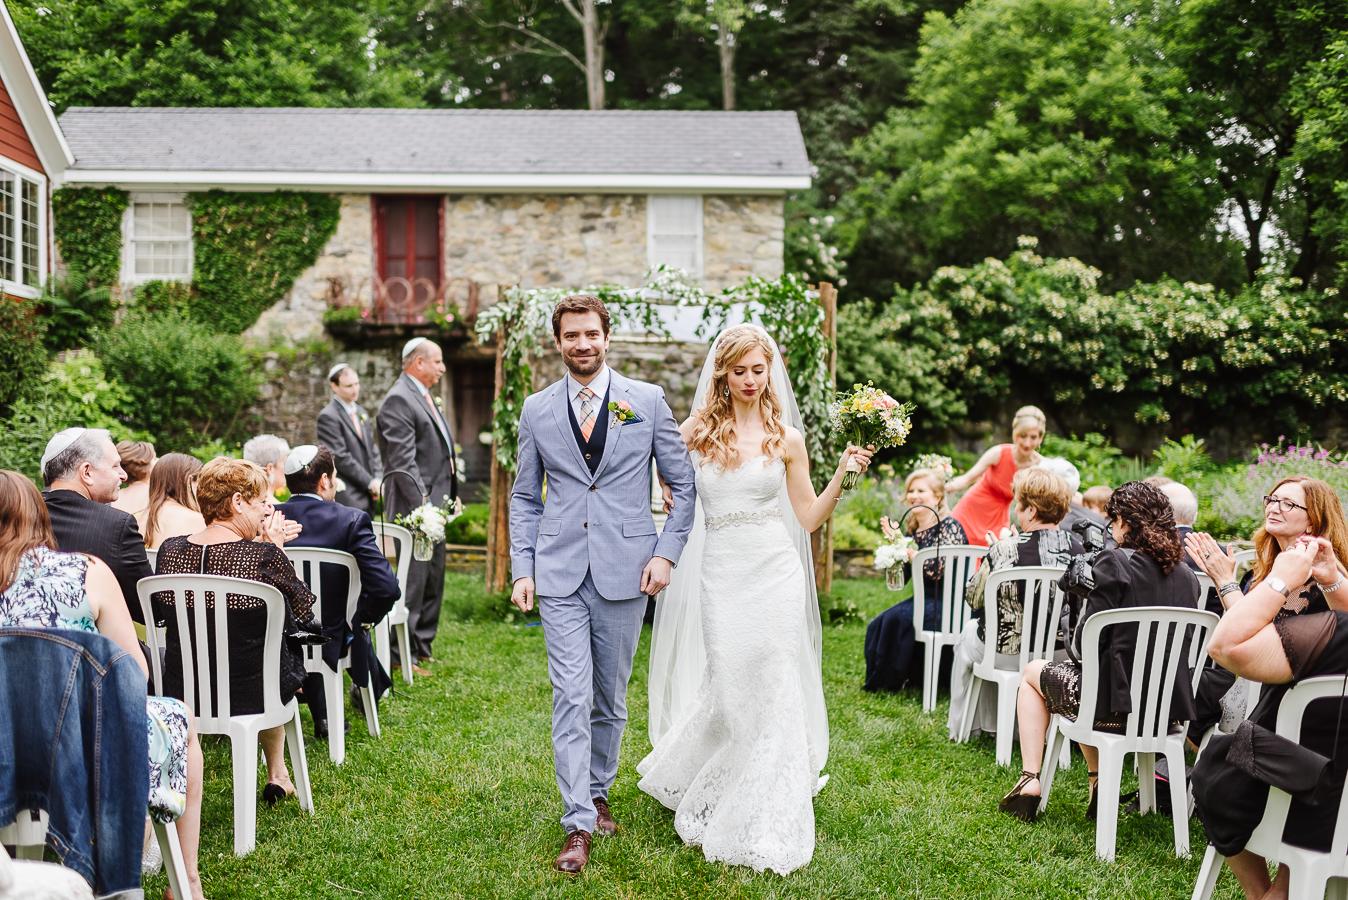 Stylish Crossed Keys Inn Wedding Crossed Keys Wedding Crossed Keys Inn Andover NJ Longbrook Photography-48.jpg